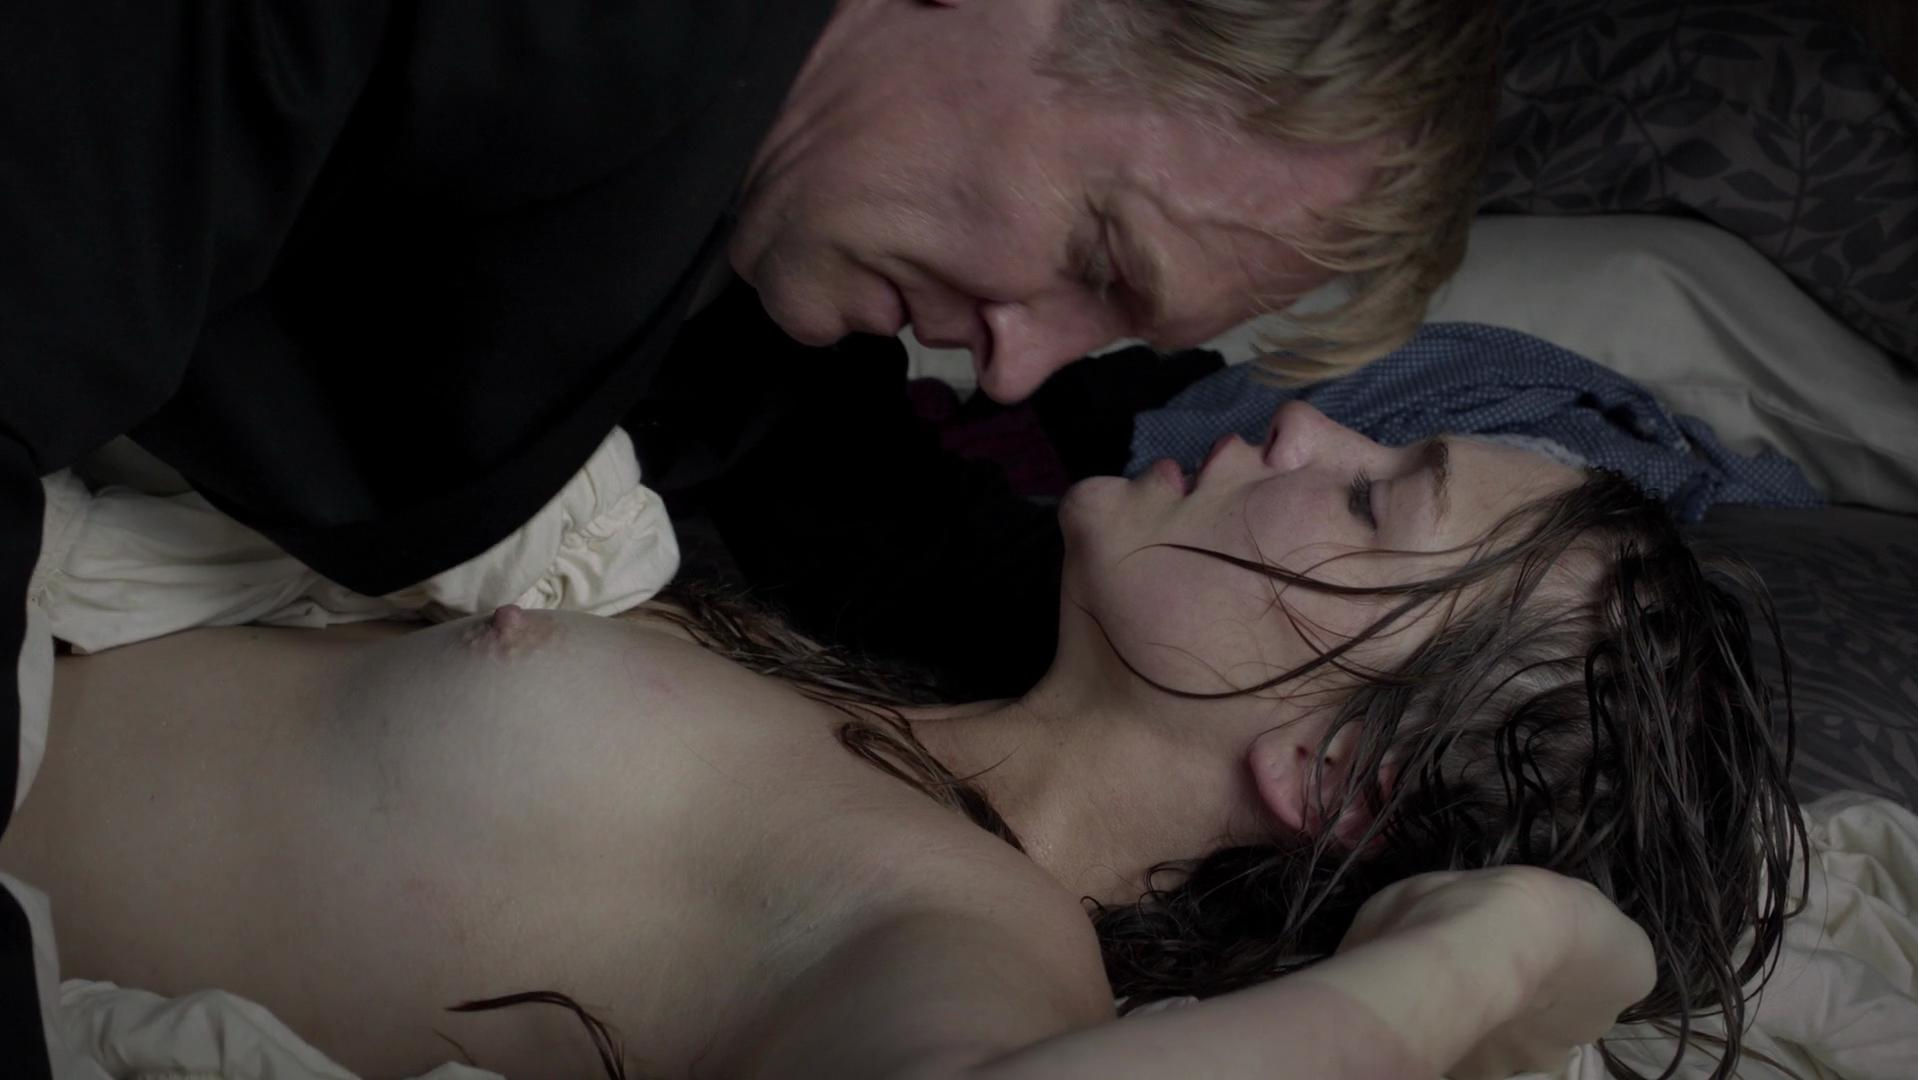 First her orgasm